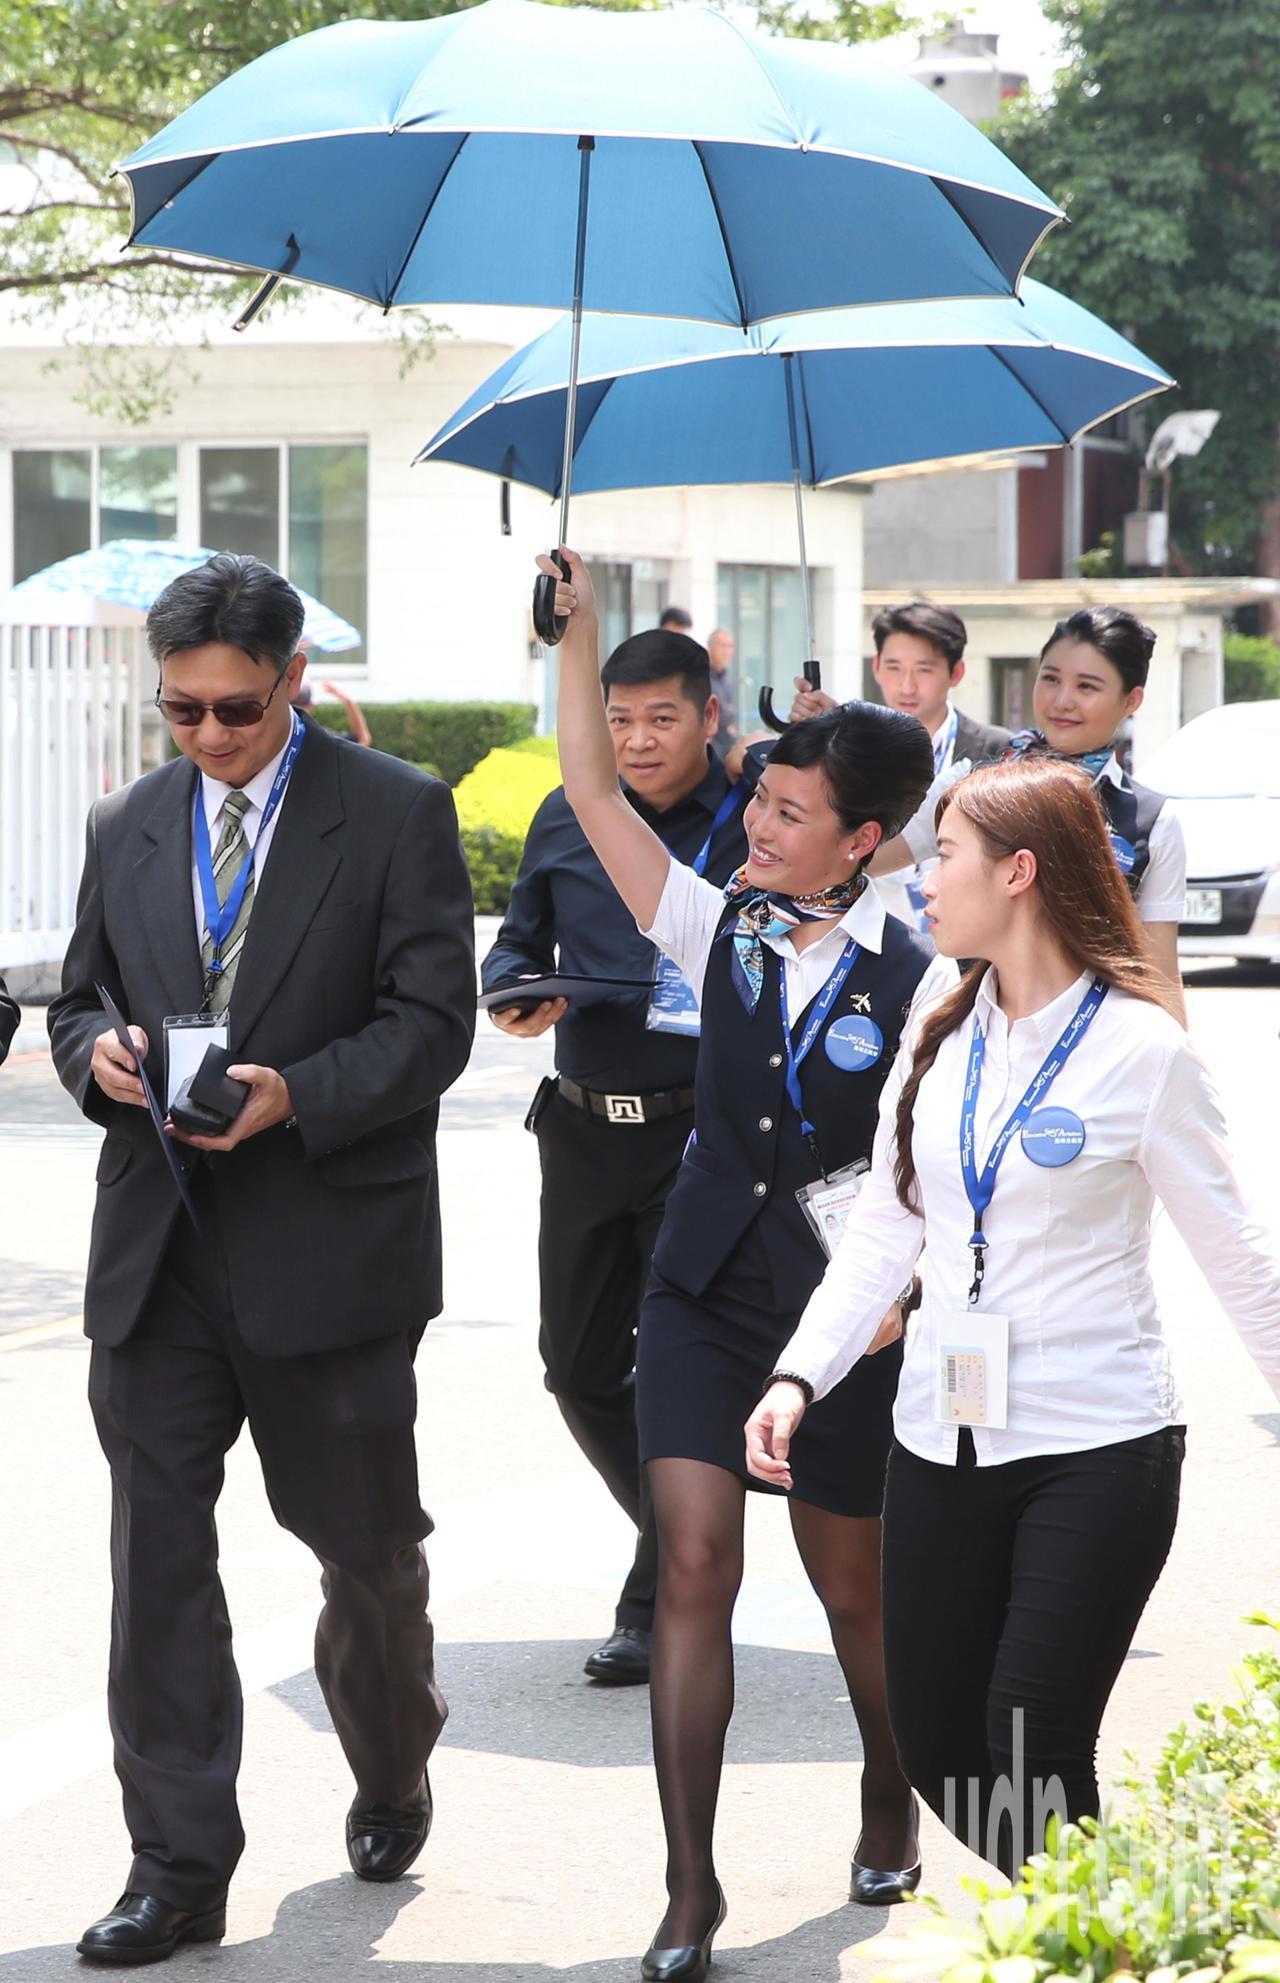 台北36度創下今年以來最高溫。一場航空公司醫療專機發表會,有感於高溫中來賓盛裝出...